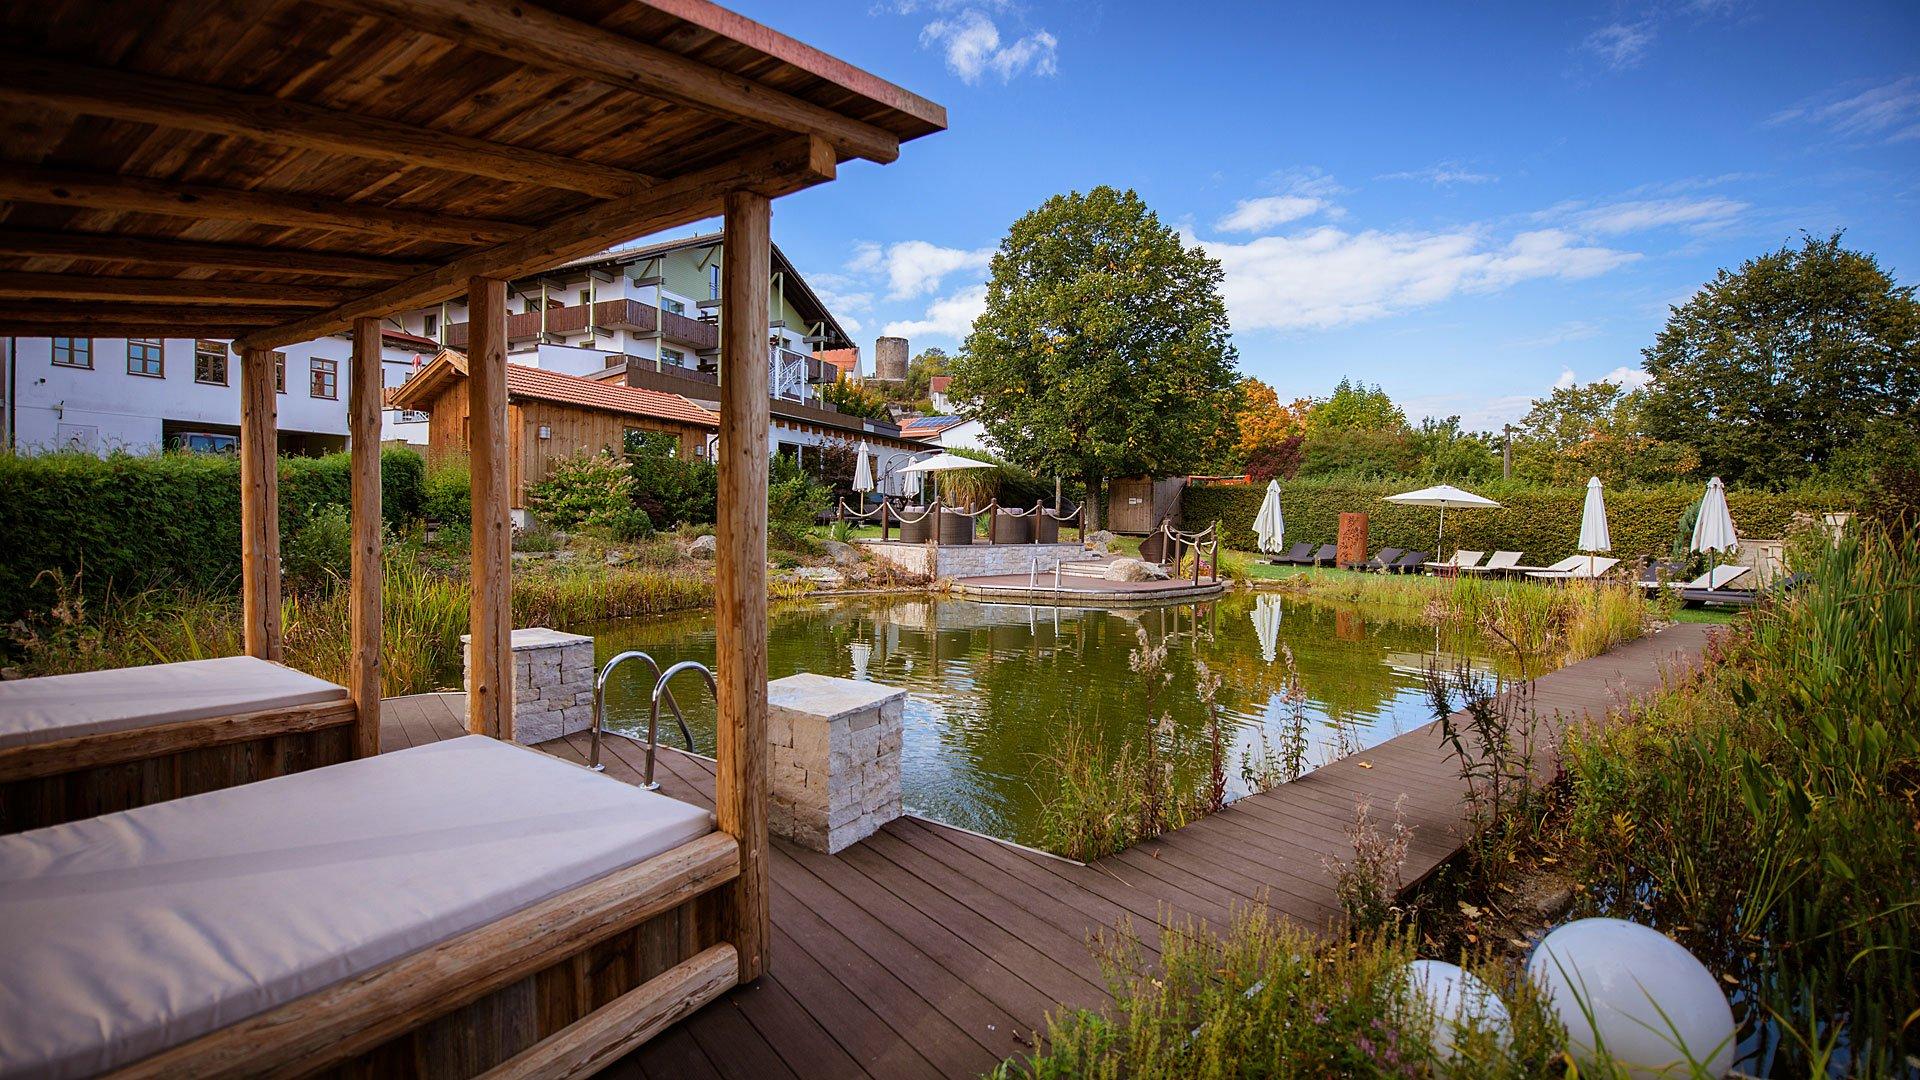 Hotel badeteich bayerischer wald for Designhotel bayerischer wald